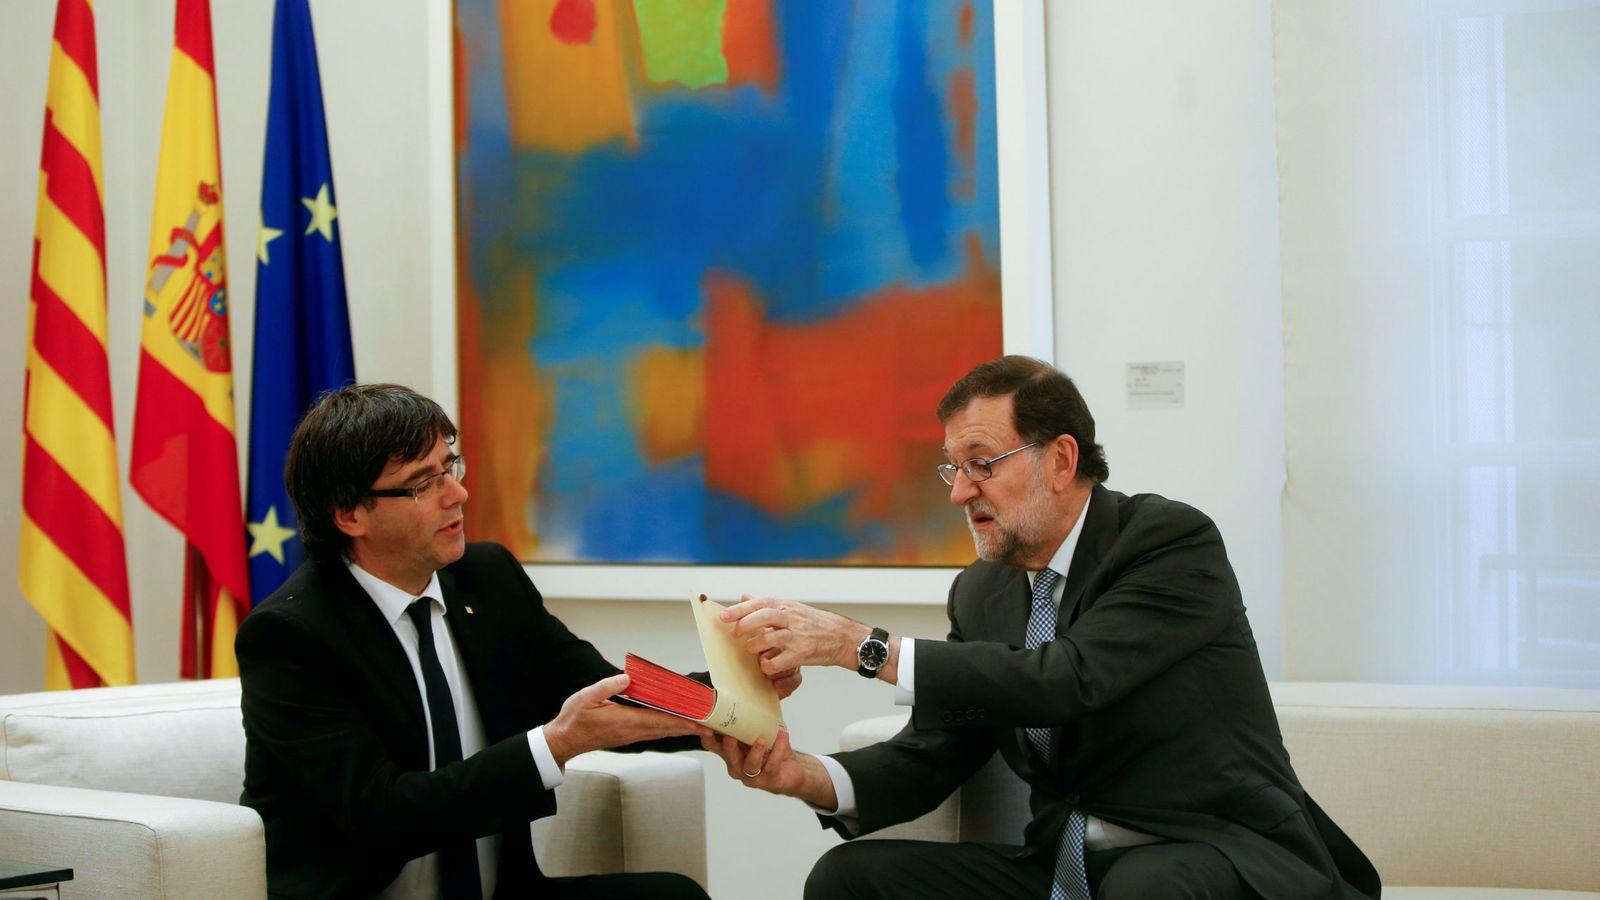 Foto: Mariano Rajoy y Carles Puigdemont, en su última reunión en Moncloa. (Reuters)